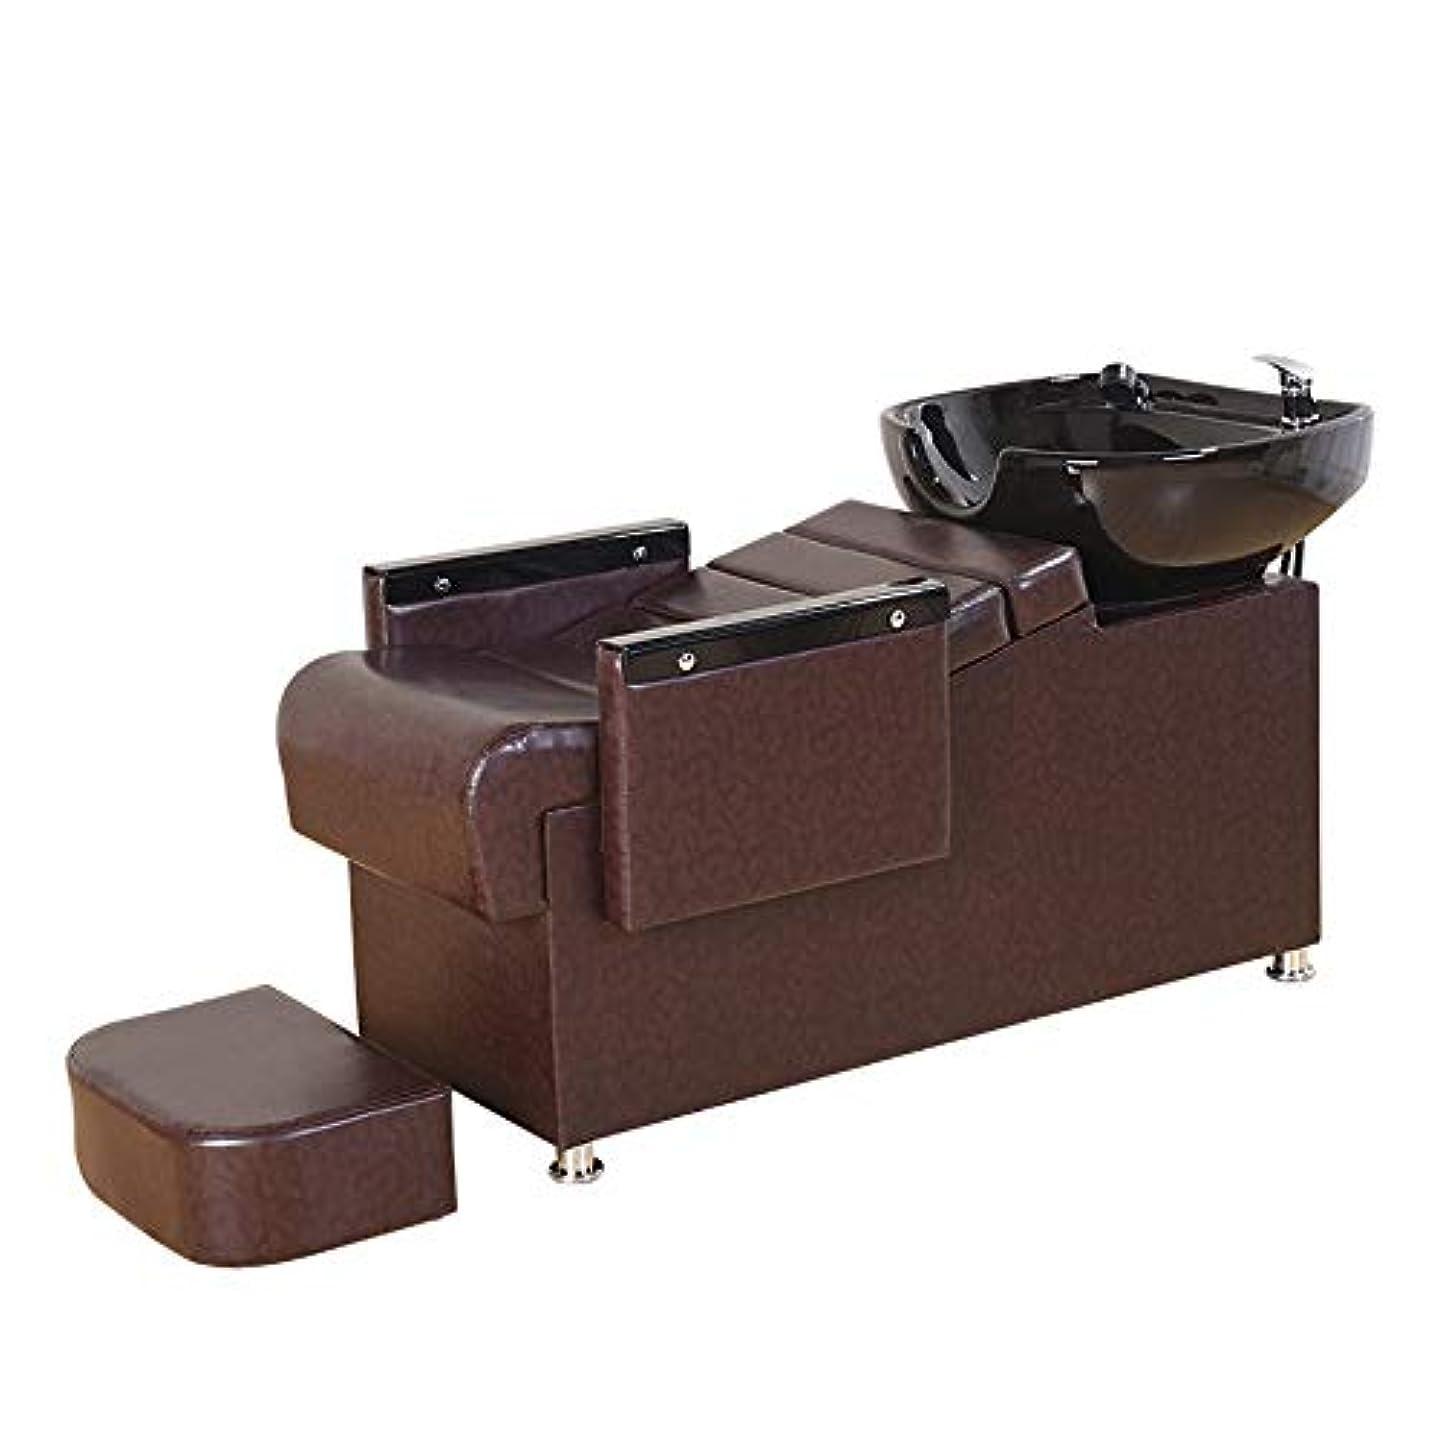 不当説得力のある使い込むシャンプー椅子、逆洗ユニットシャンプーボウル理髪店フラッシングベッド美容院シンク椅子用スパ美容院機器